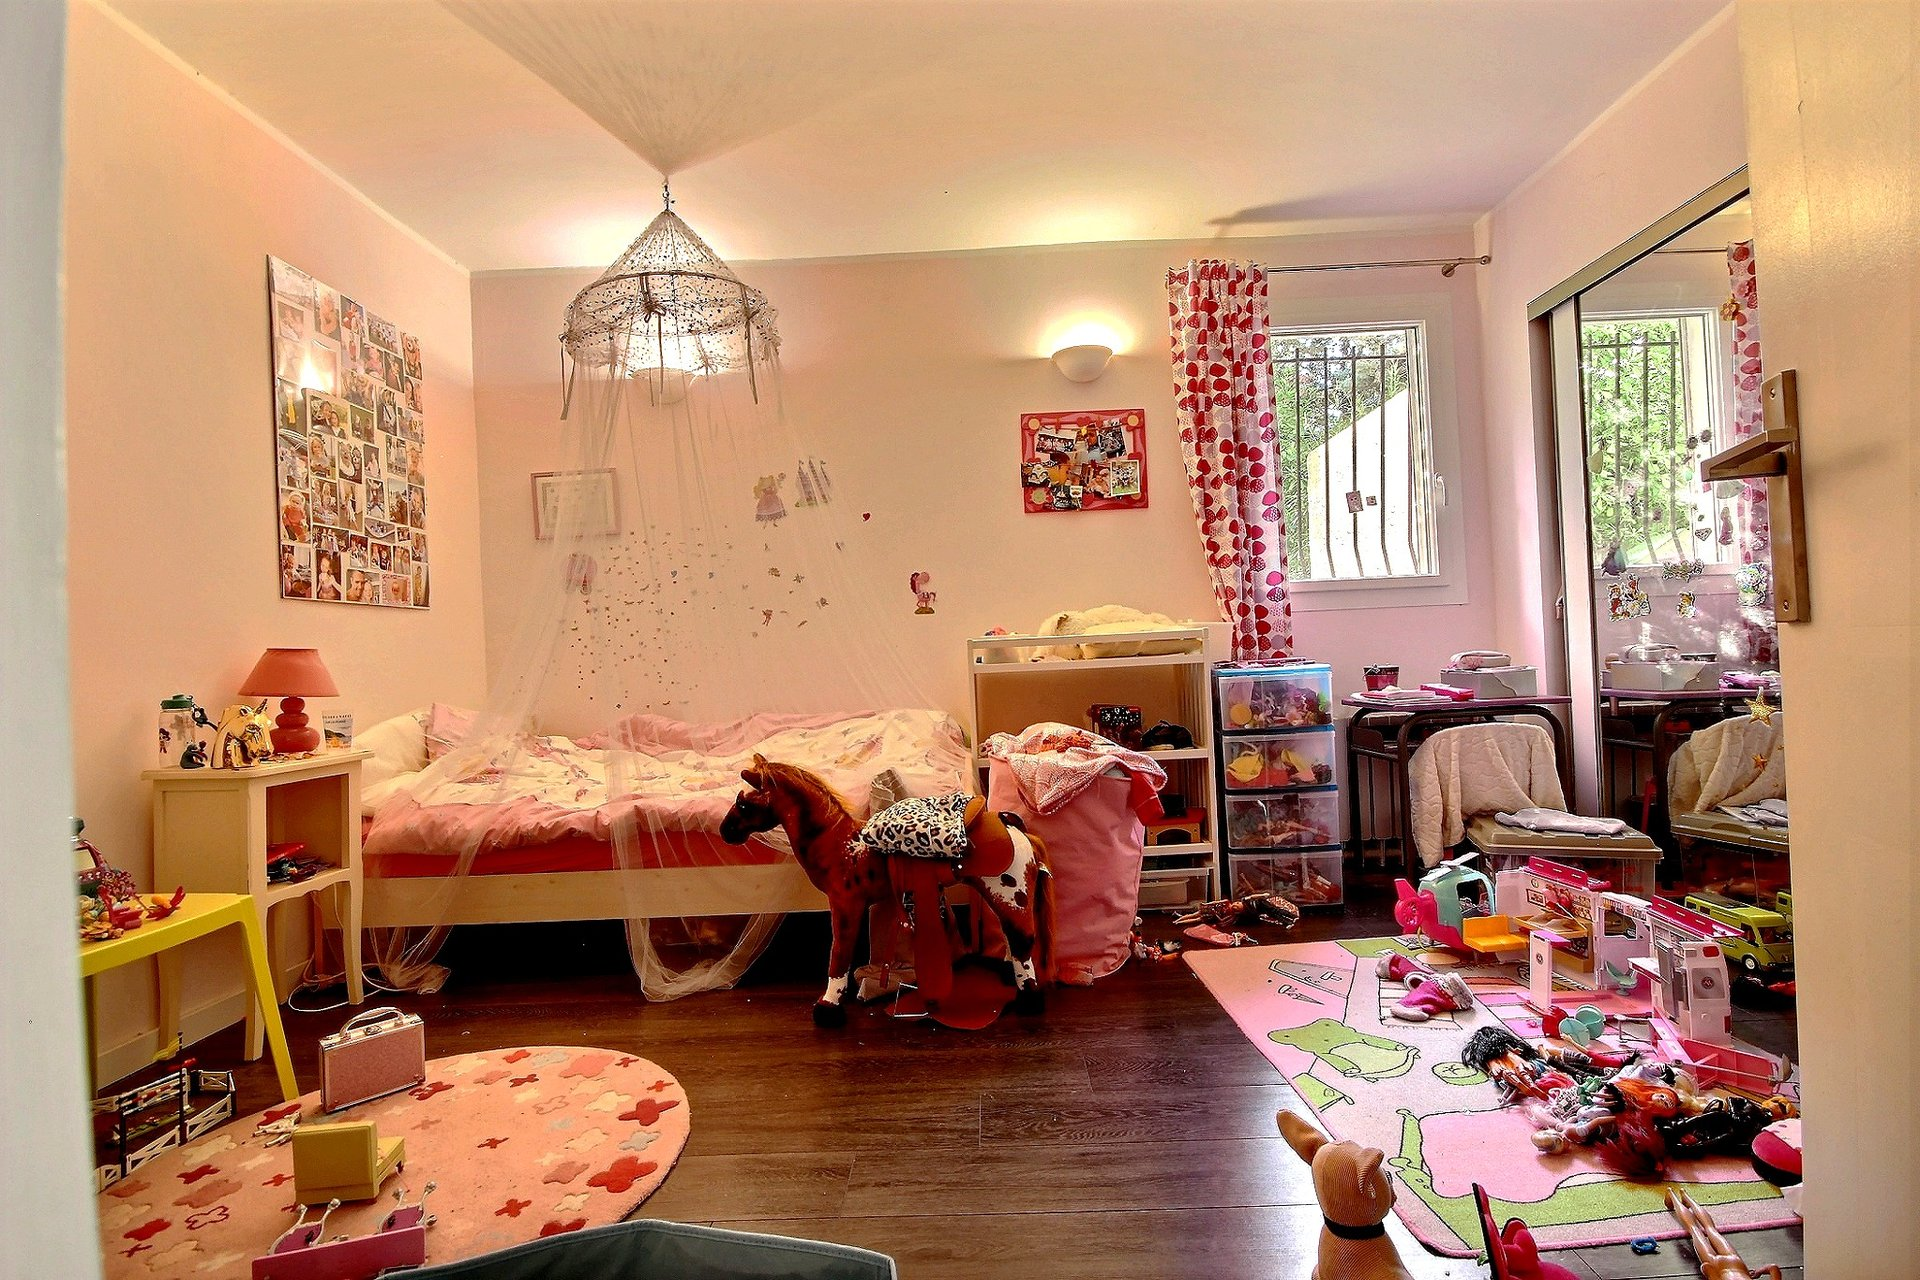 Villa A vendre Mandelieu comprenant 2 beaux appartements spacieux